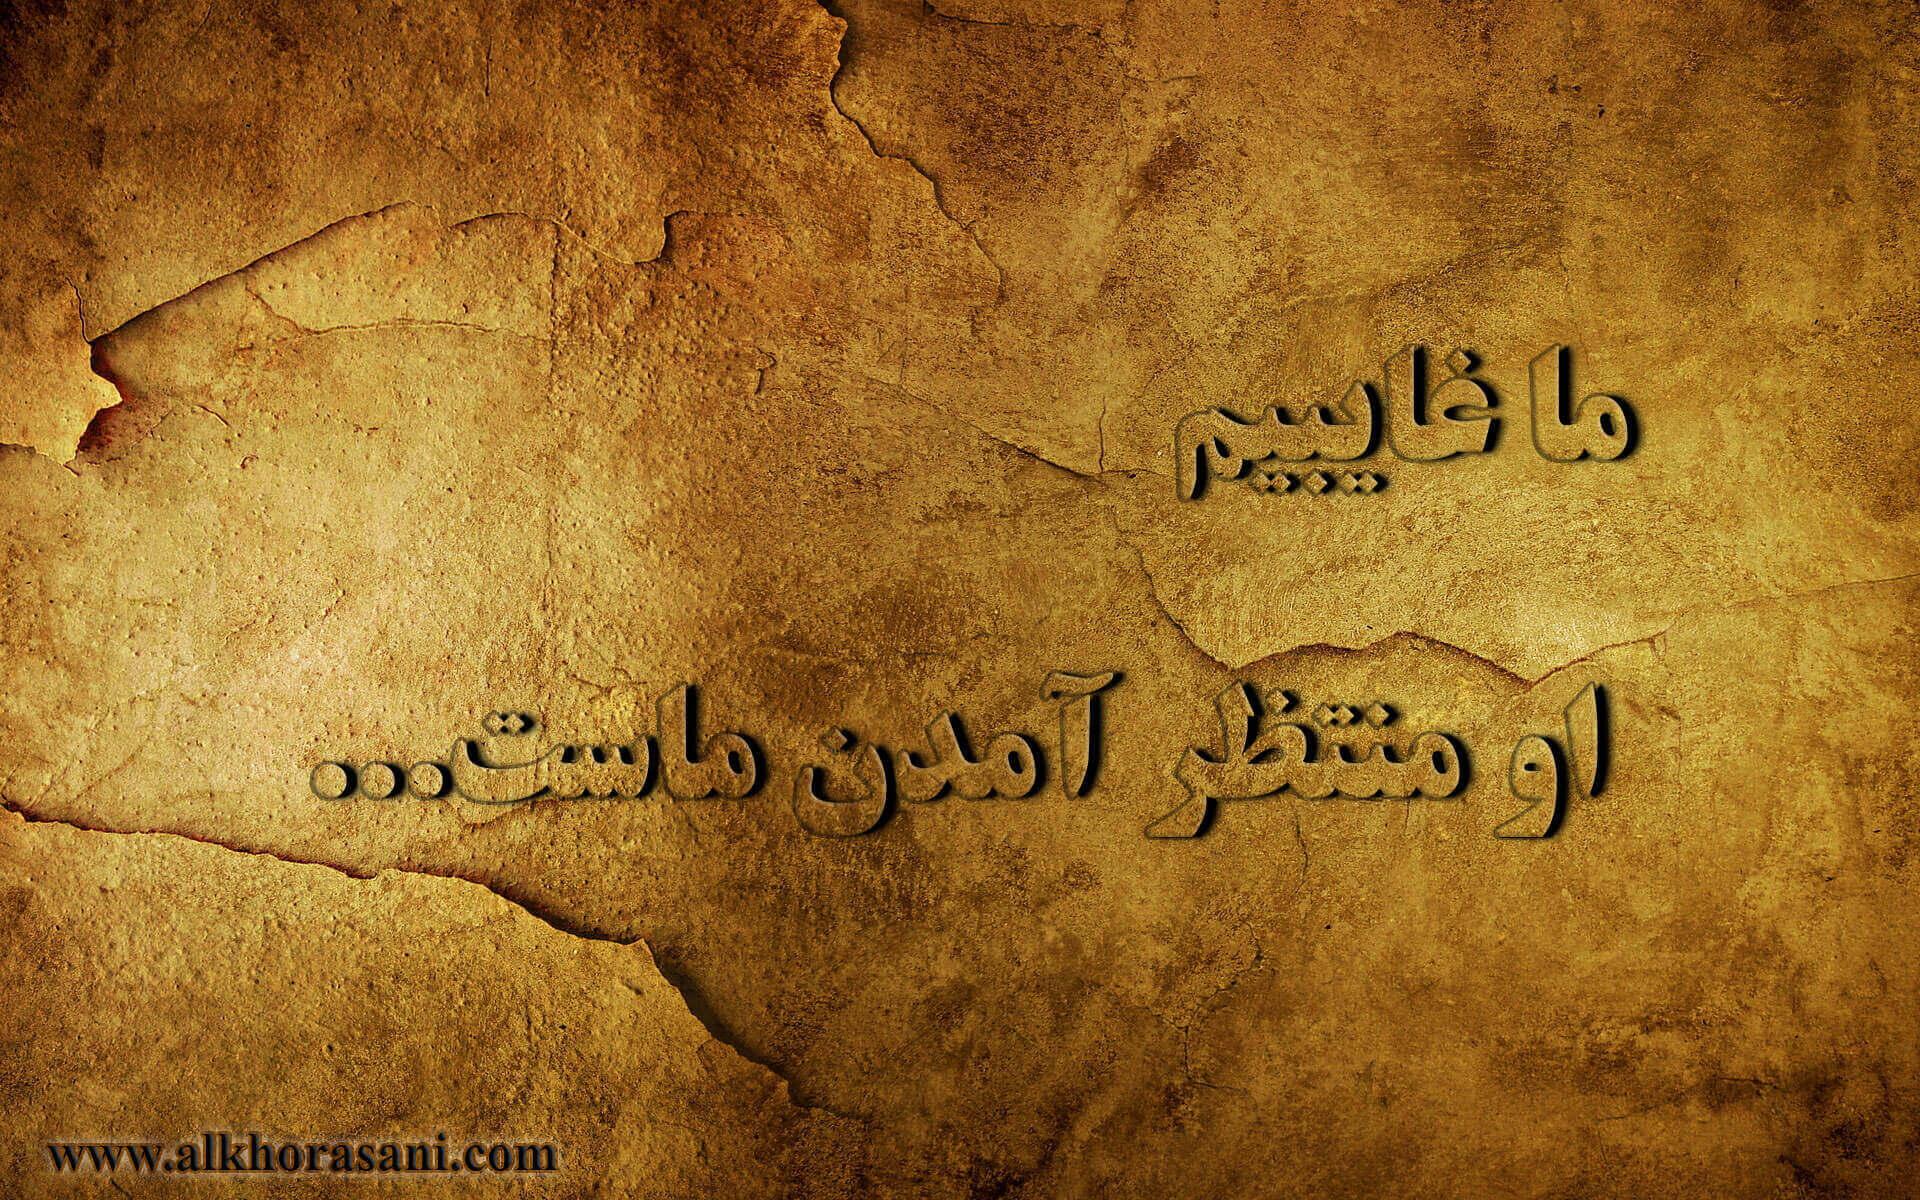 ما غایبیم؛ او منتظر آمدن ماست